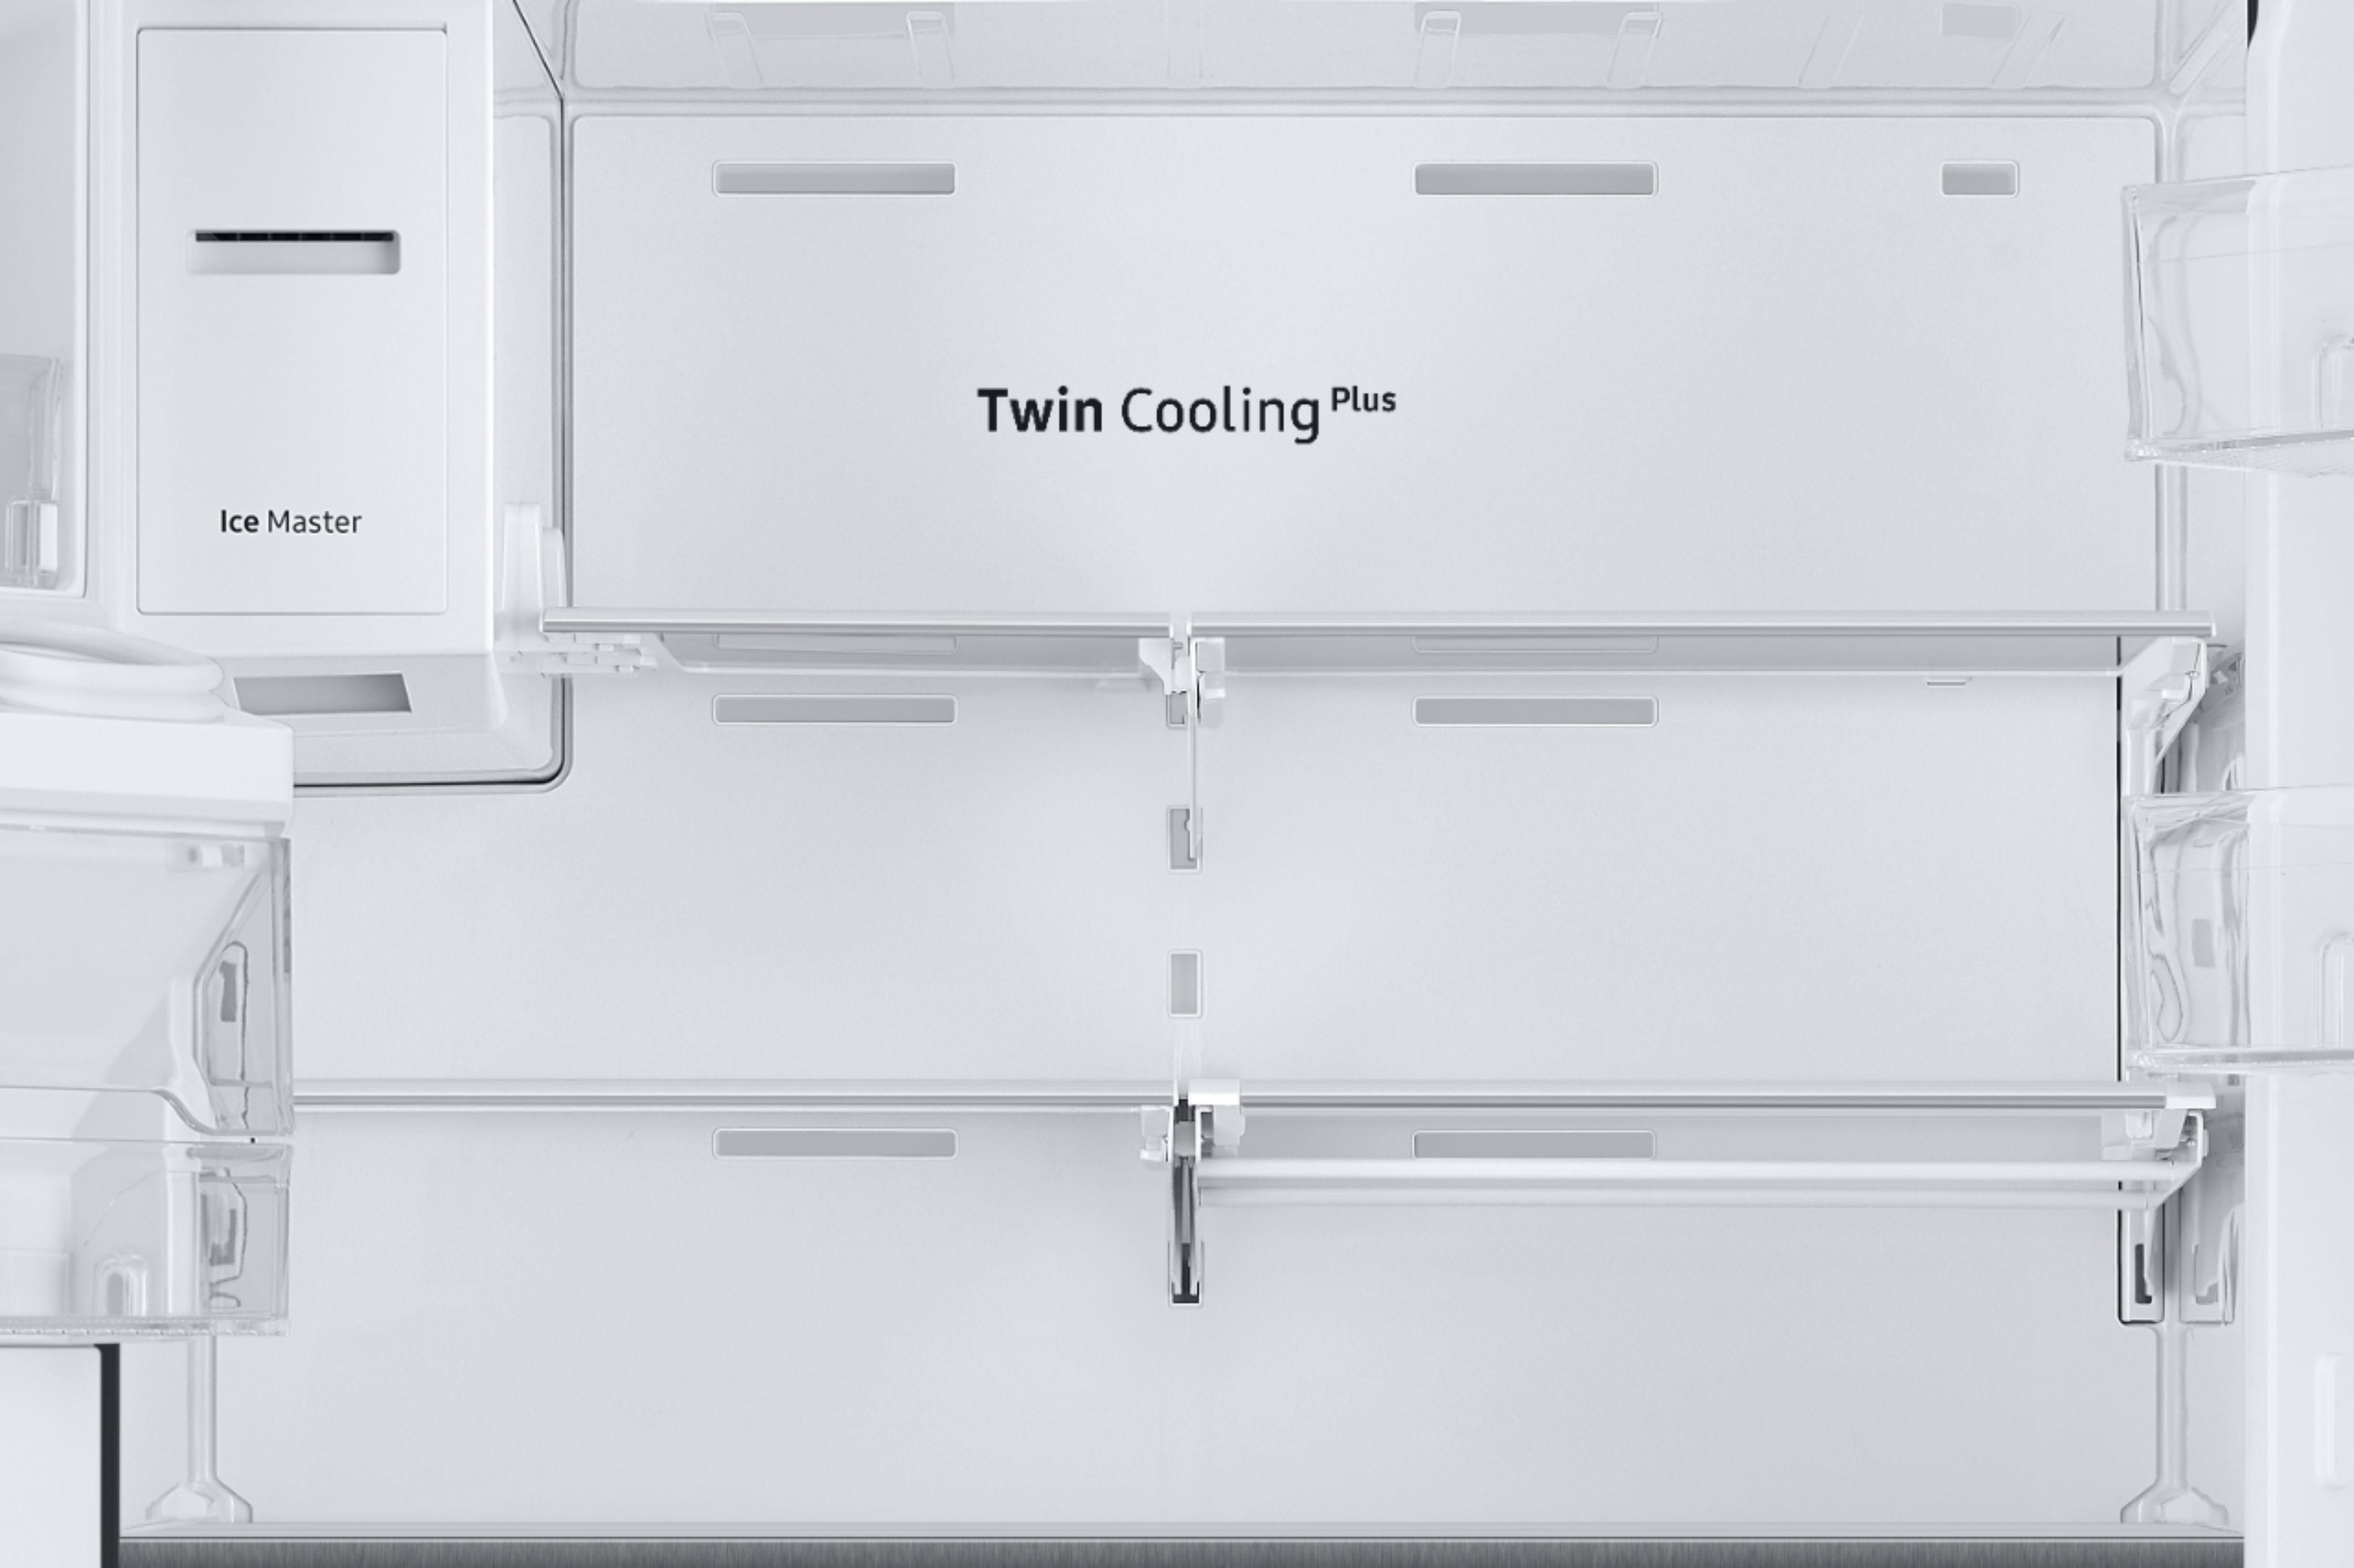 Samsung Family Hub 22.2 Cu. Ft. Counter Depth 4-Door